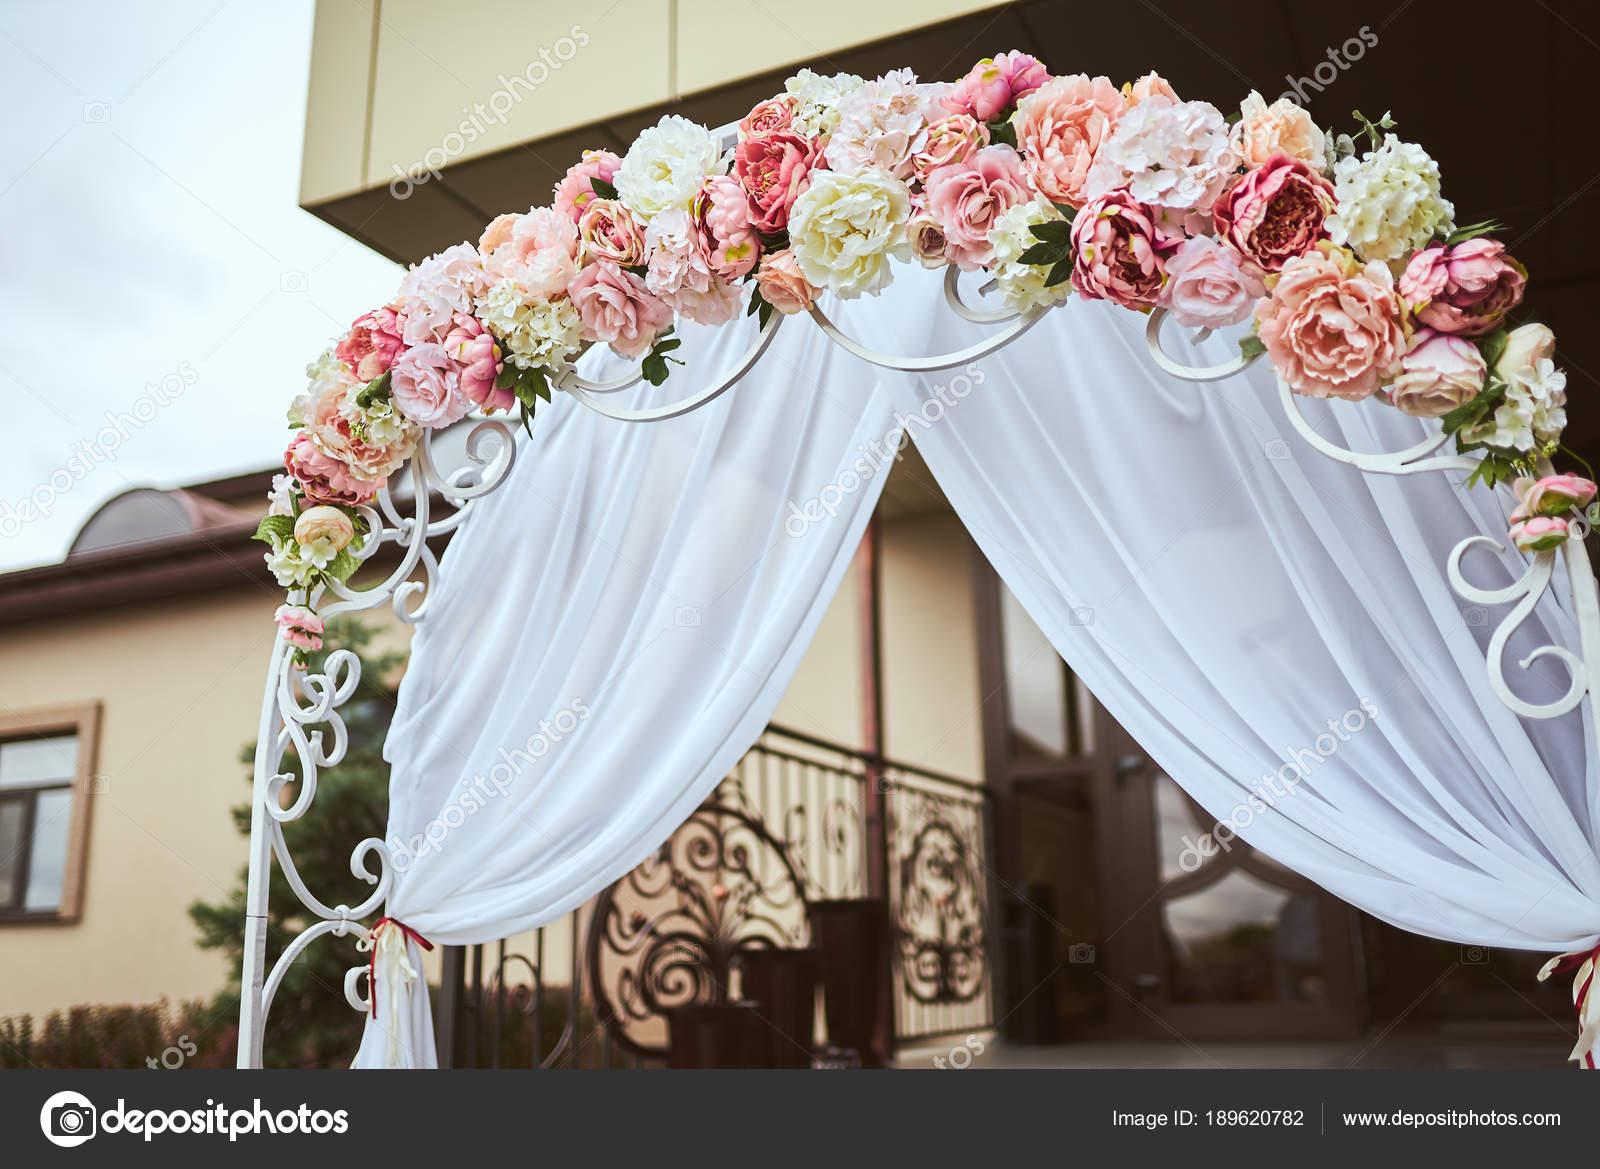 Hochzeit Dekoration Blumen Ringe Strauss In Den Handen Ringe